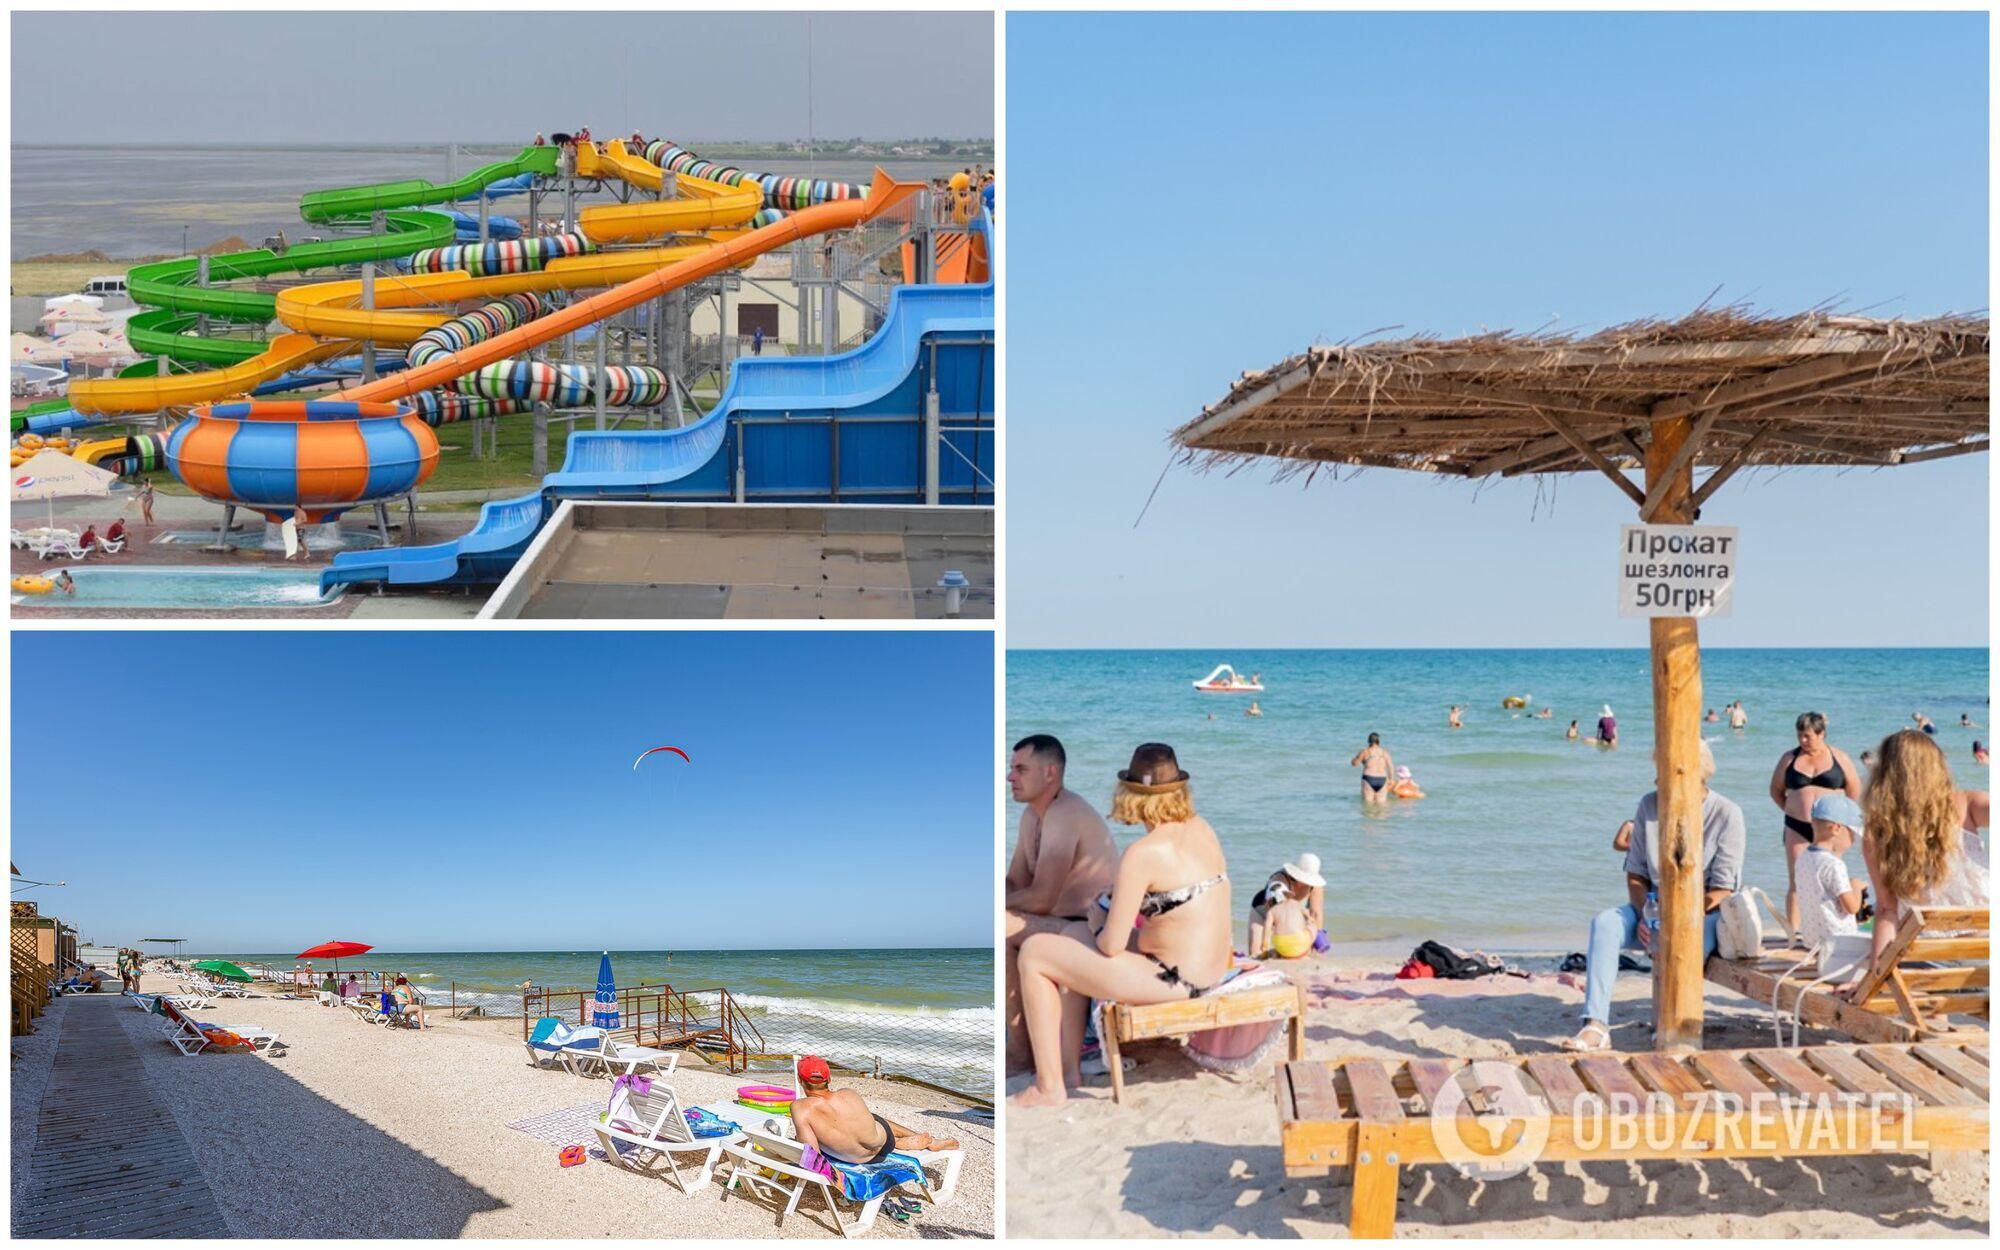 Кирилівка – один із найпопулярніших напрямків морського відпочинку в країні